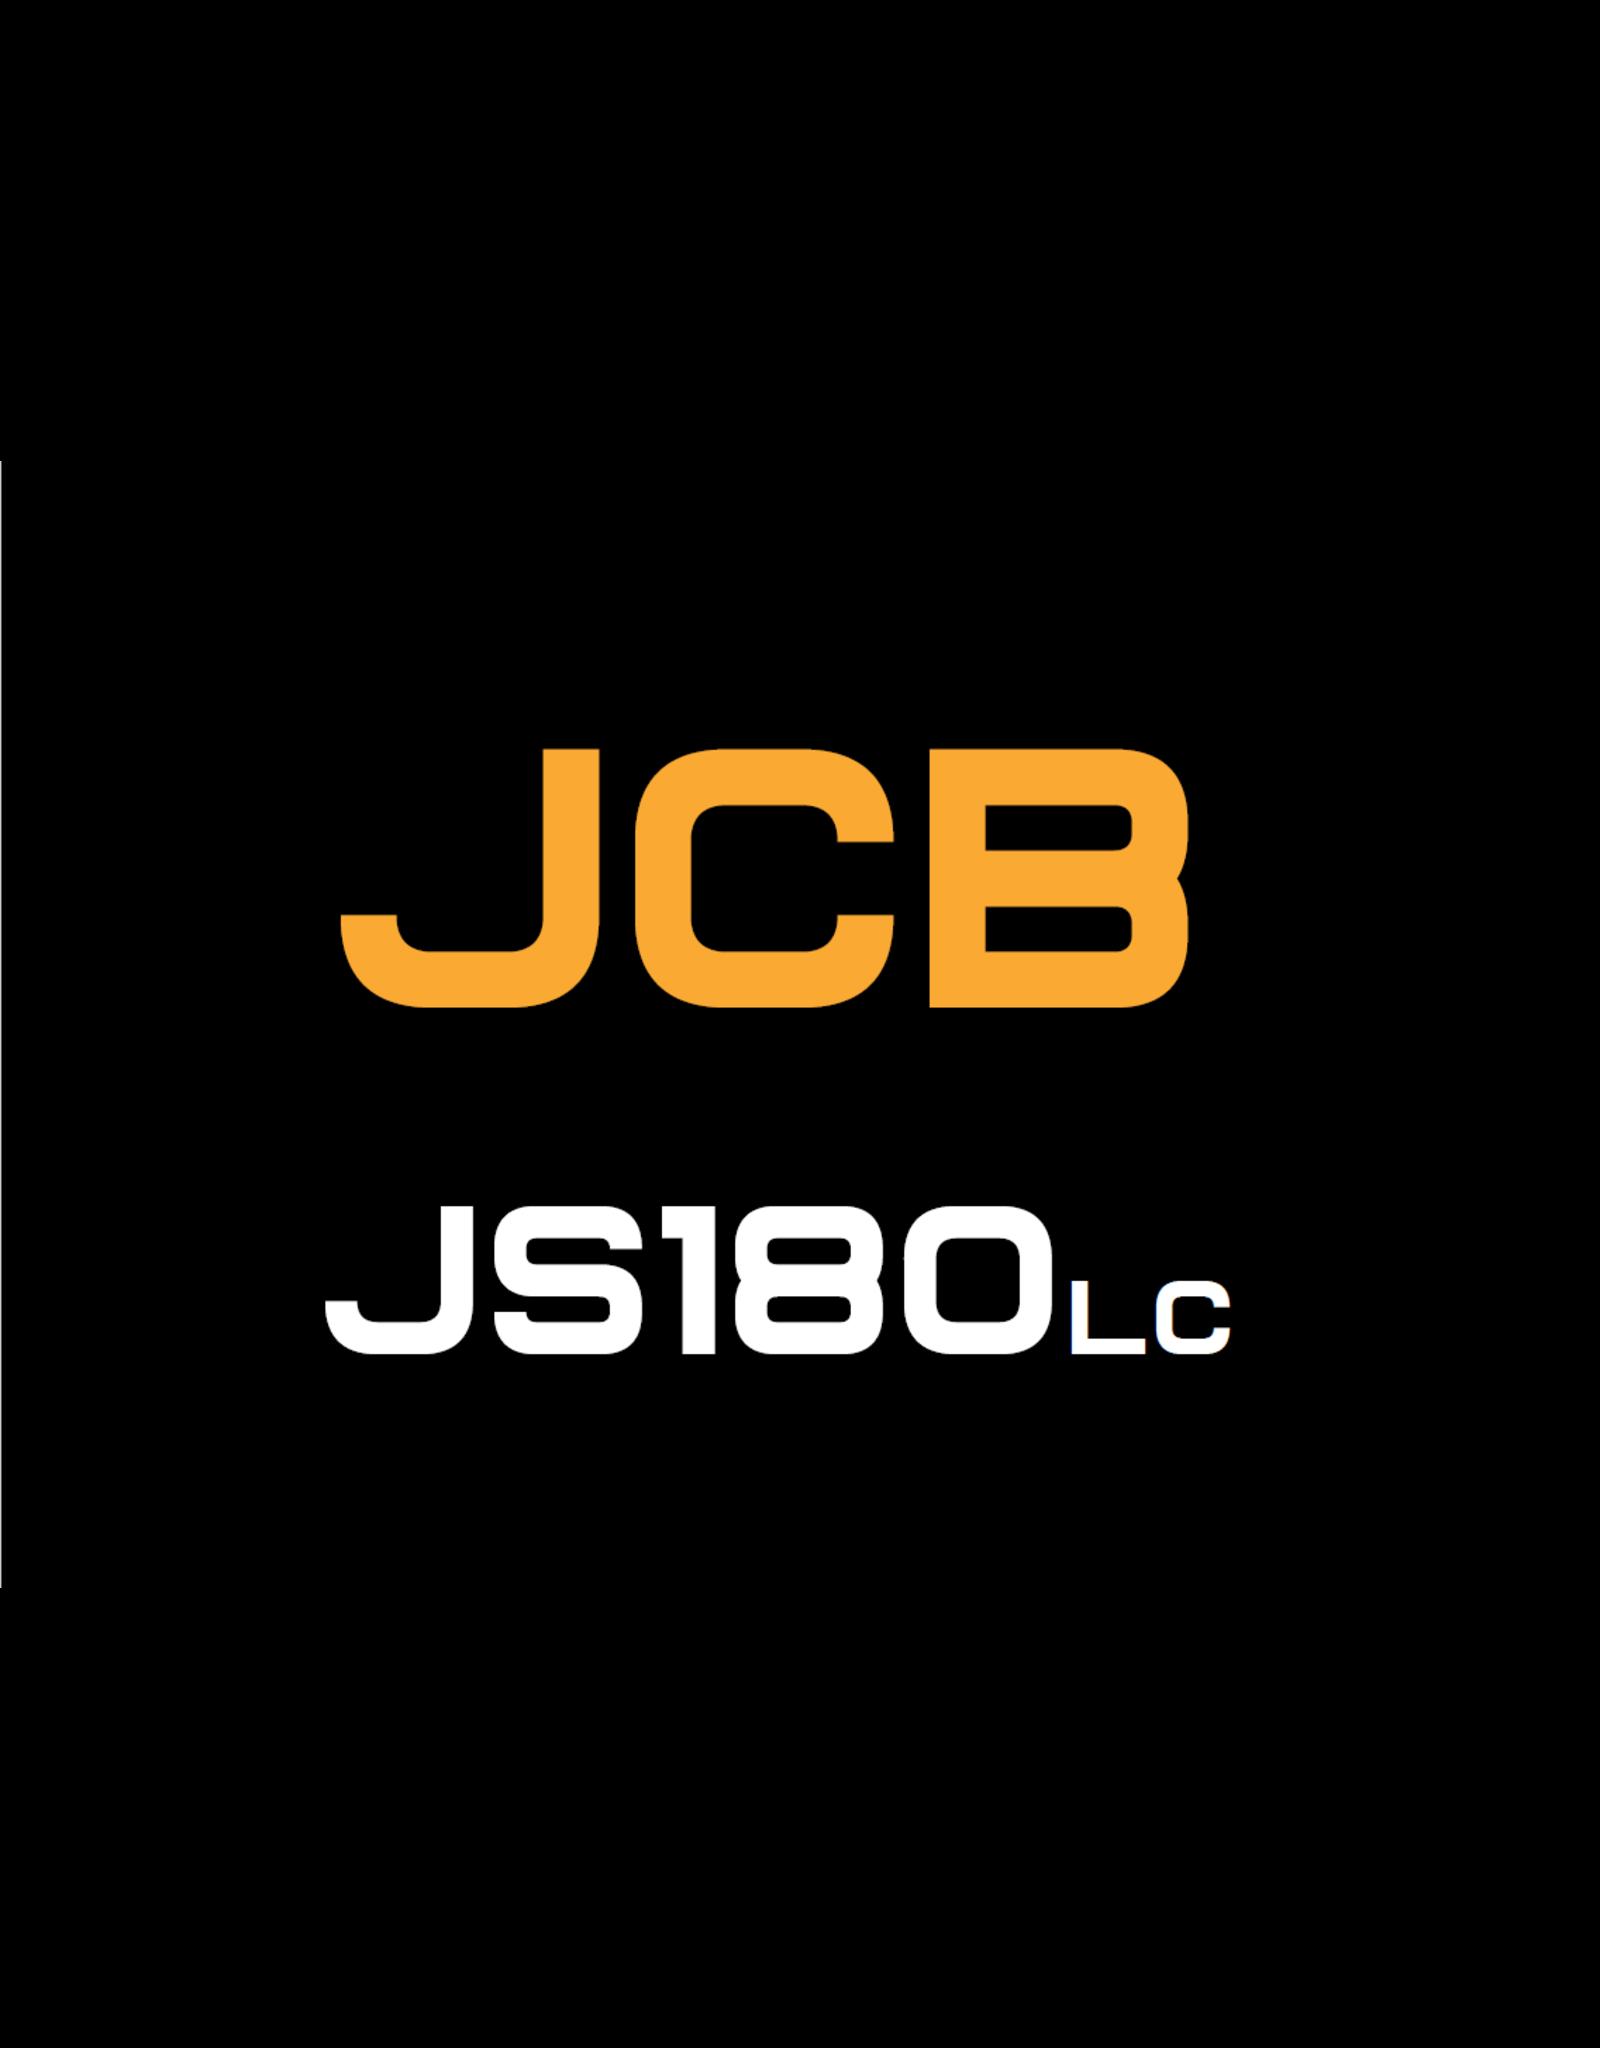 Echle Hartstahl GmbH FOPS pour JCB JS180LC